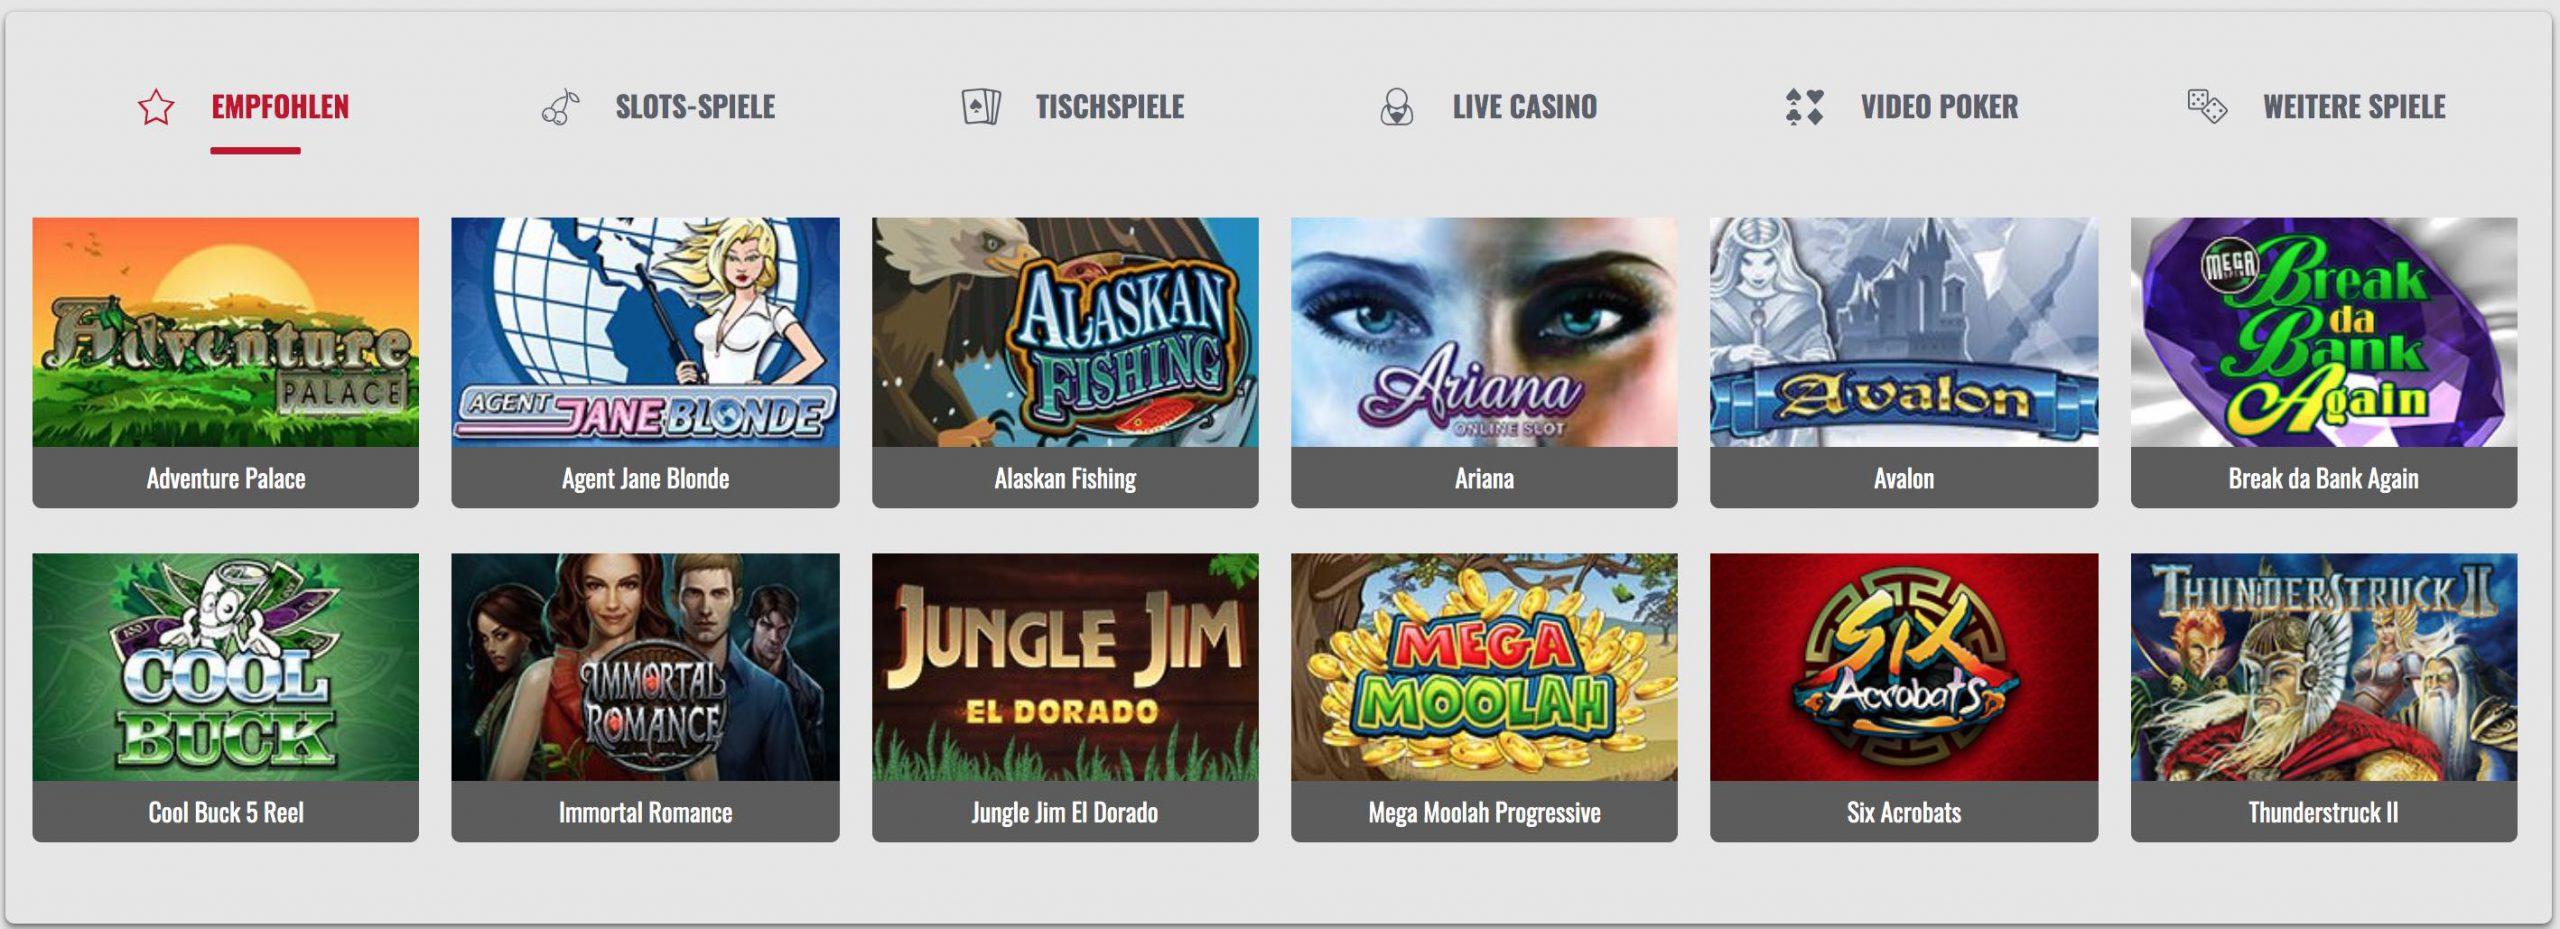 Empfohlene Online Casino Spiele